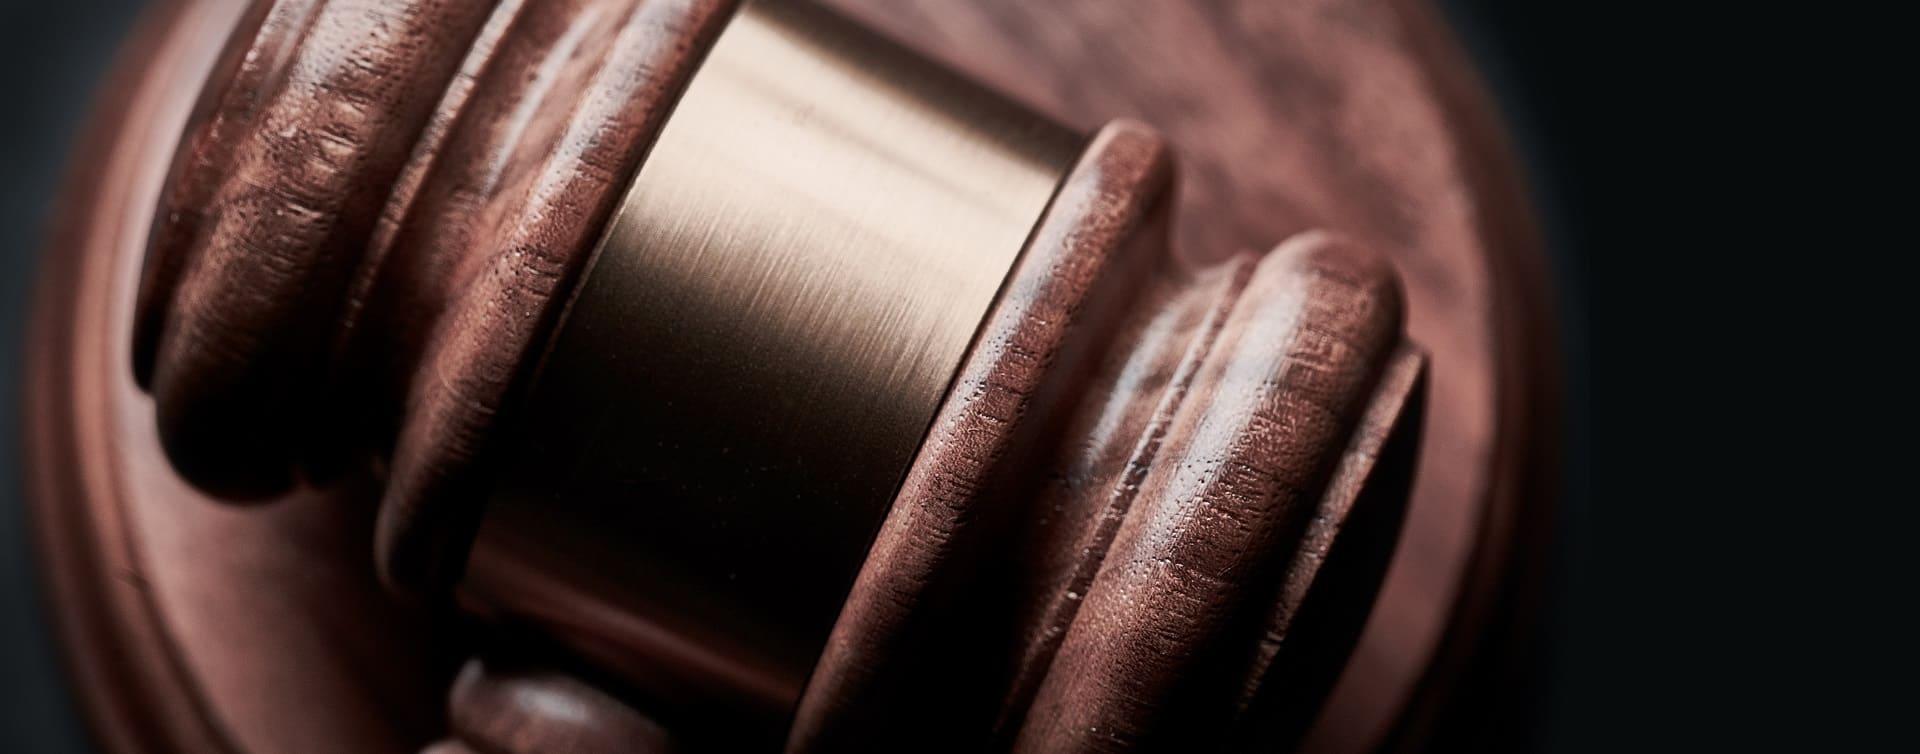 Arbeitsvertrag kündigen & von einem Anwalt prüfen lassen